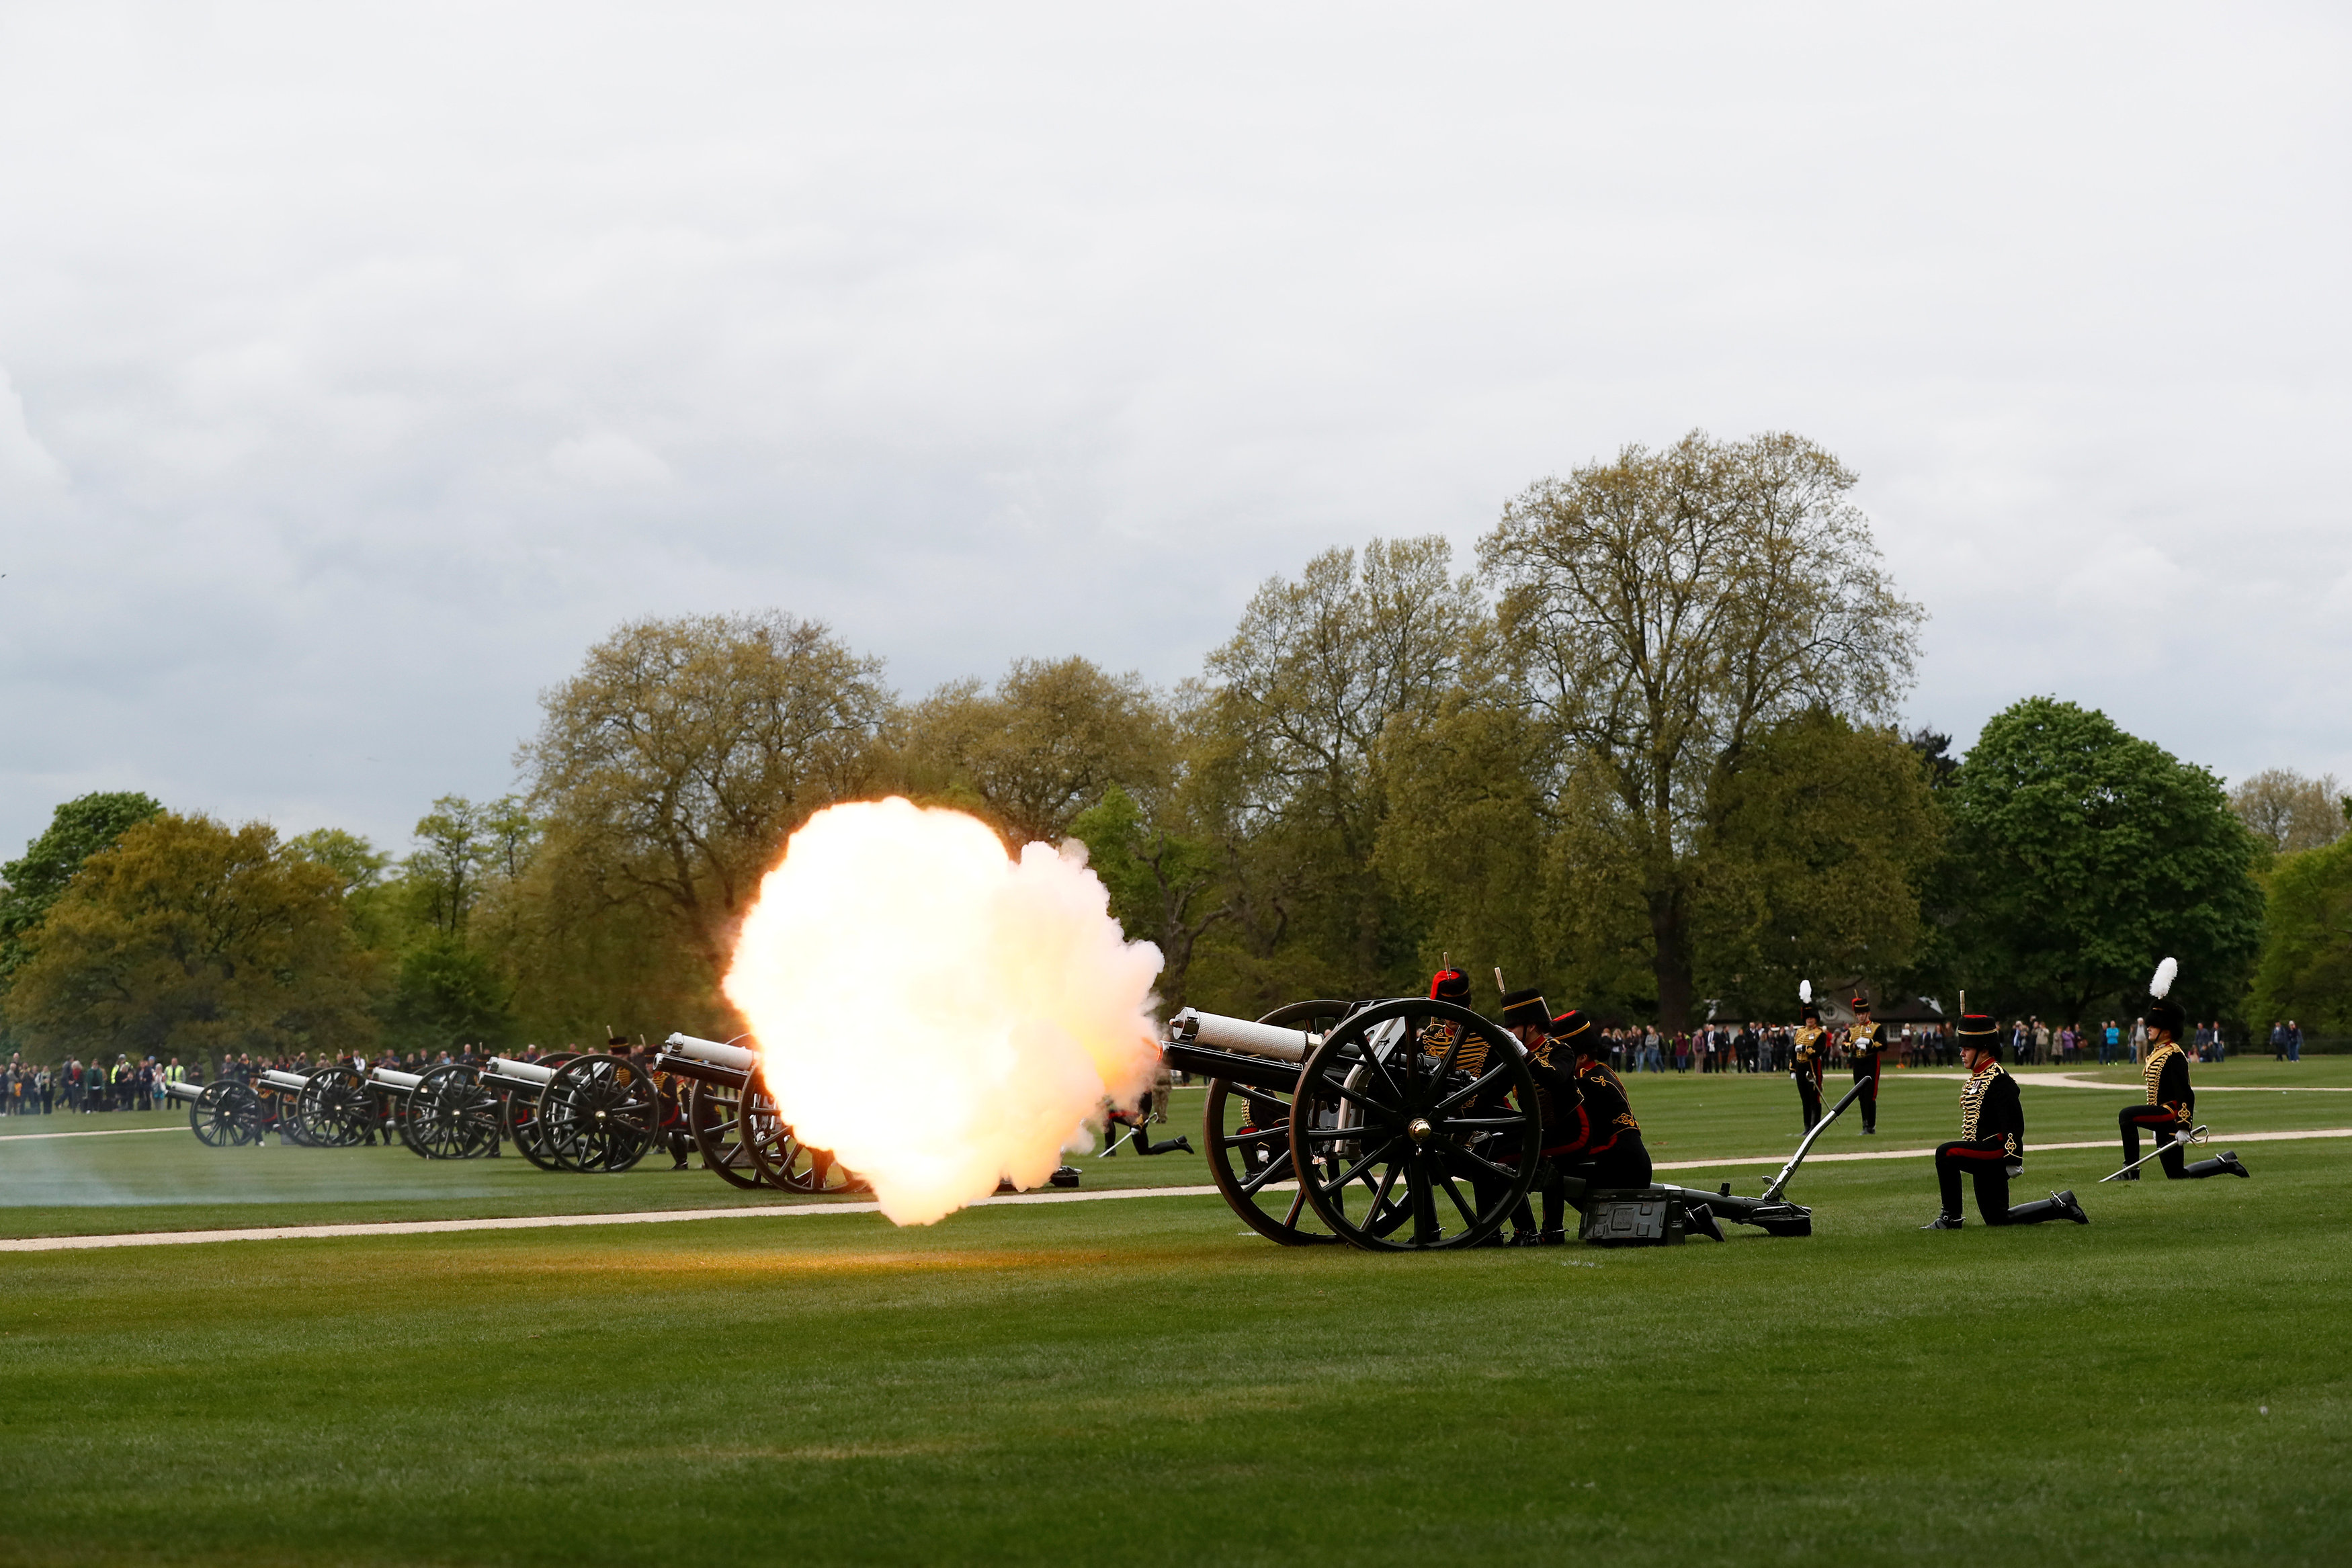 استخدام الطلقات المدفعية للاحتفال